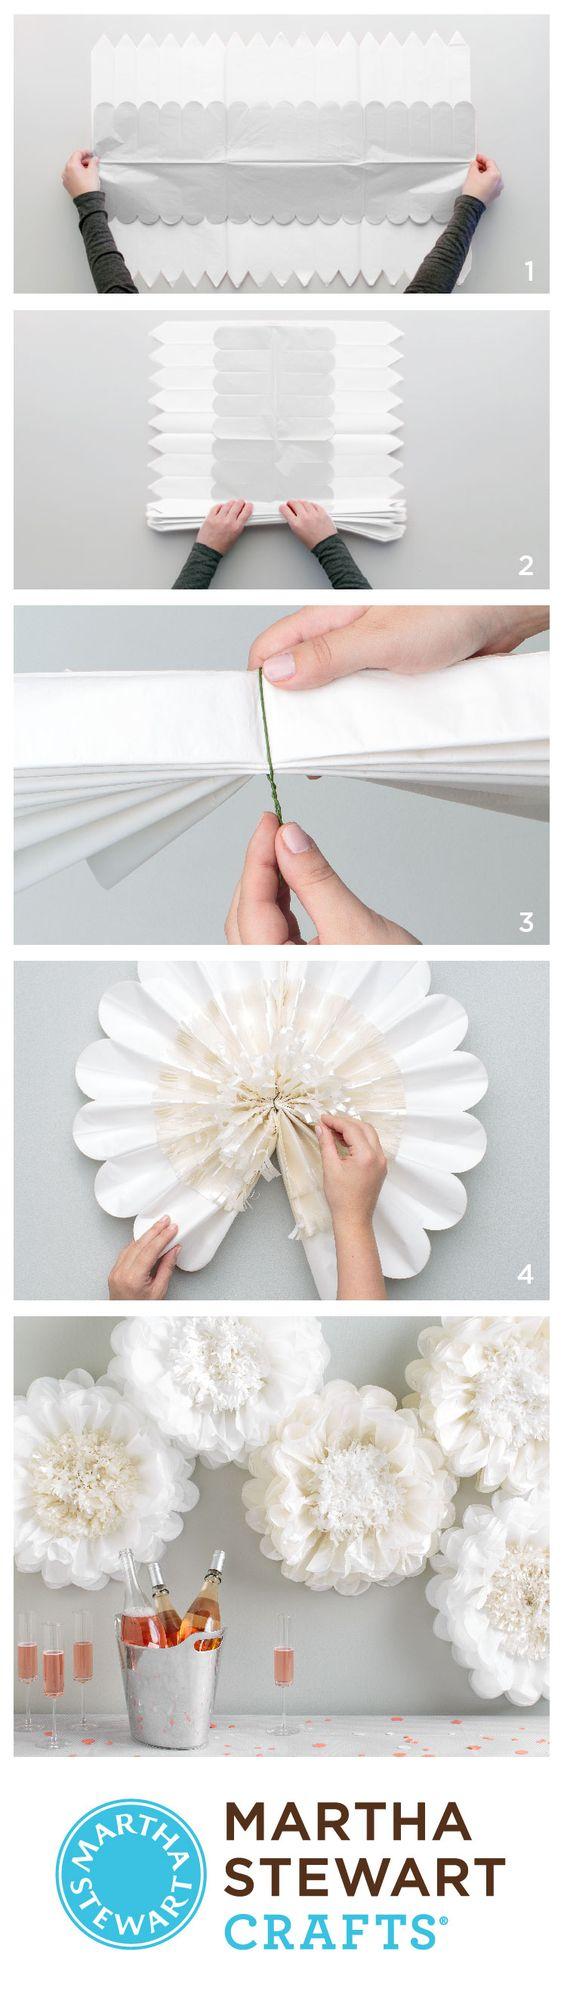 It's a pom-pom party with Martha Stewart Crafts Flower Pom-Poms!: